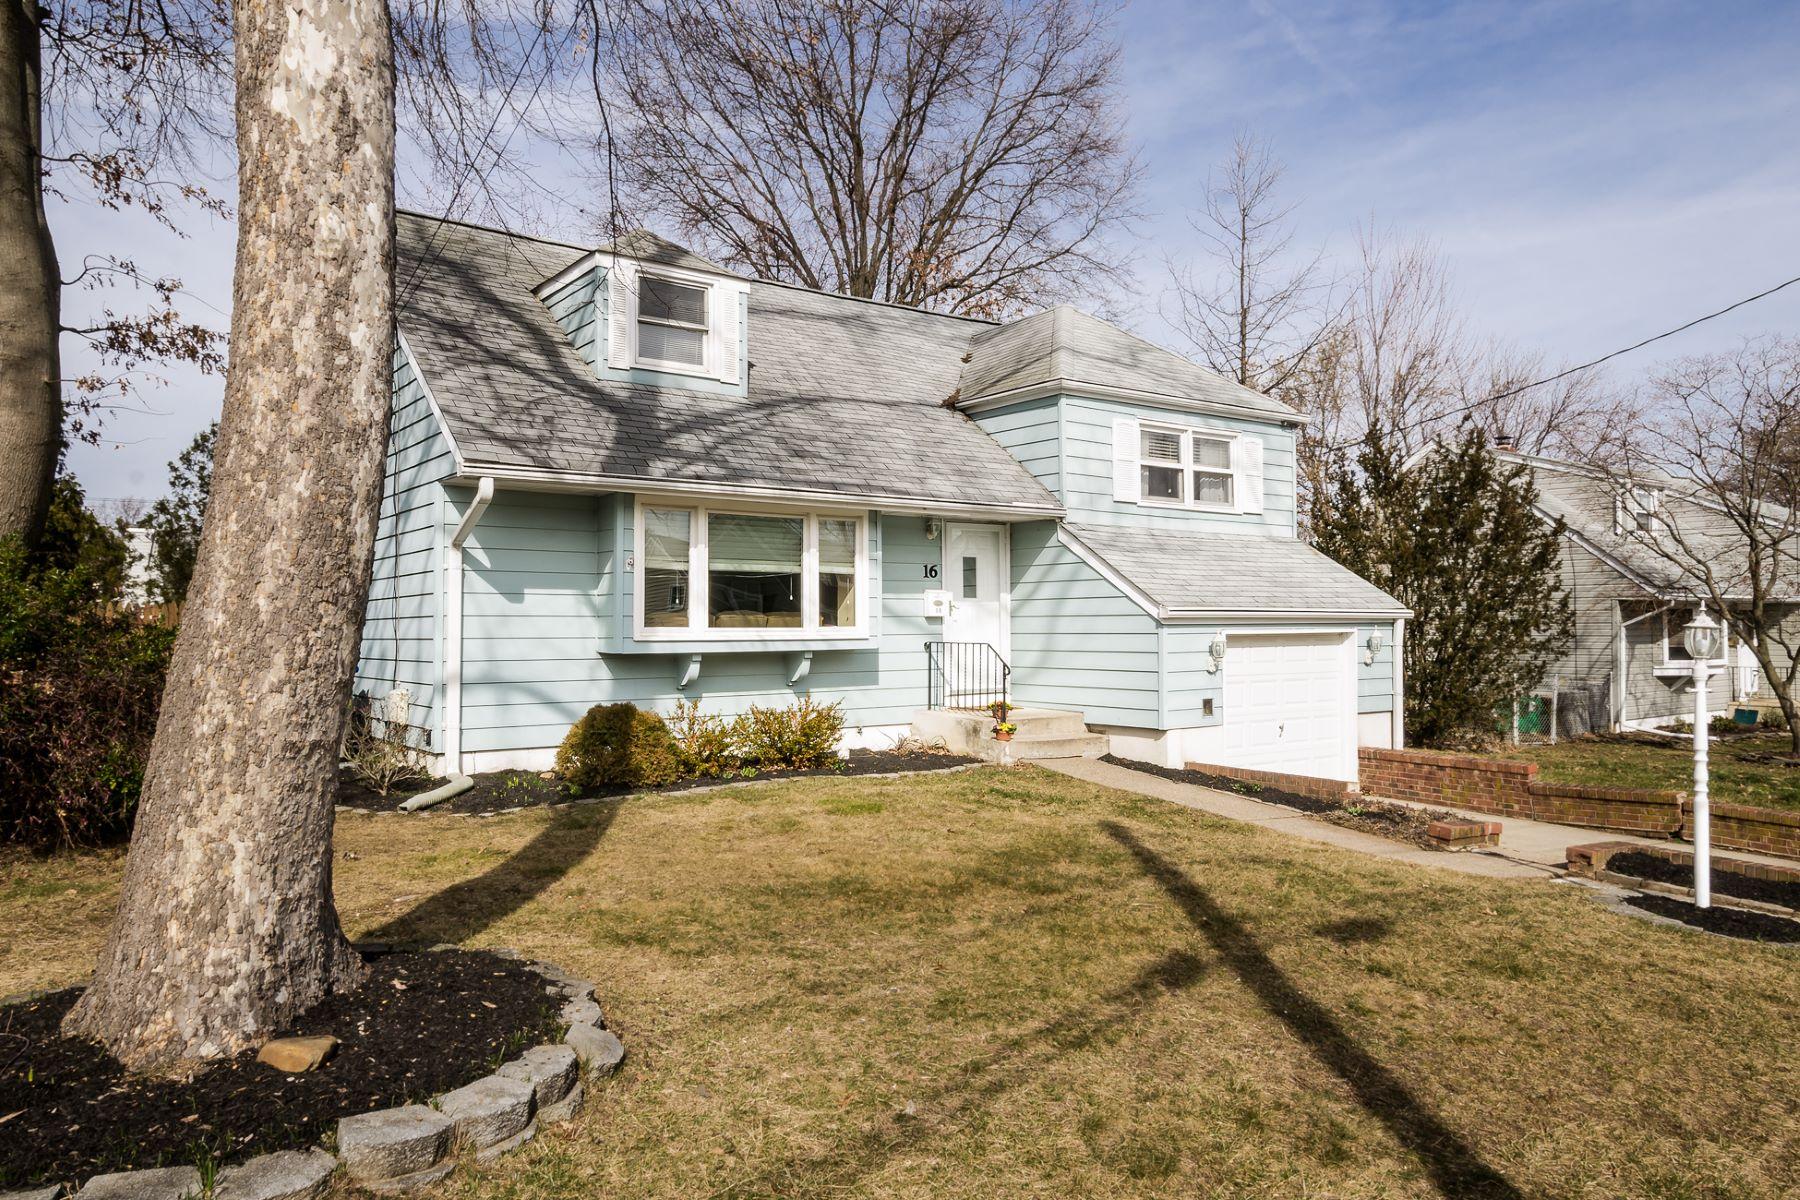 独户住宅 为 销售 在 Charming Sunset Manor House 16 Tekening Way 汉密尔顿, 新泽西州 08690 美国